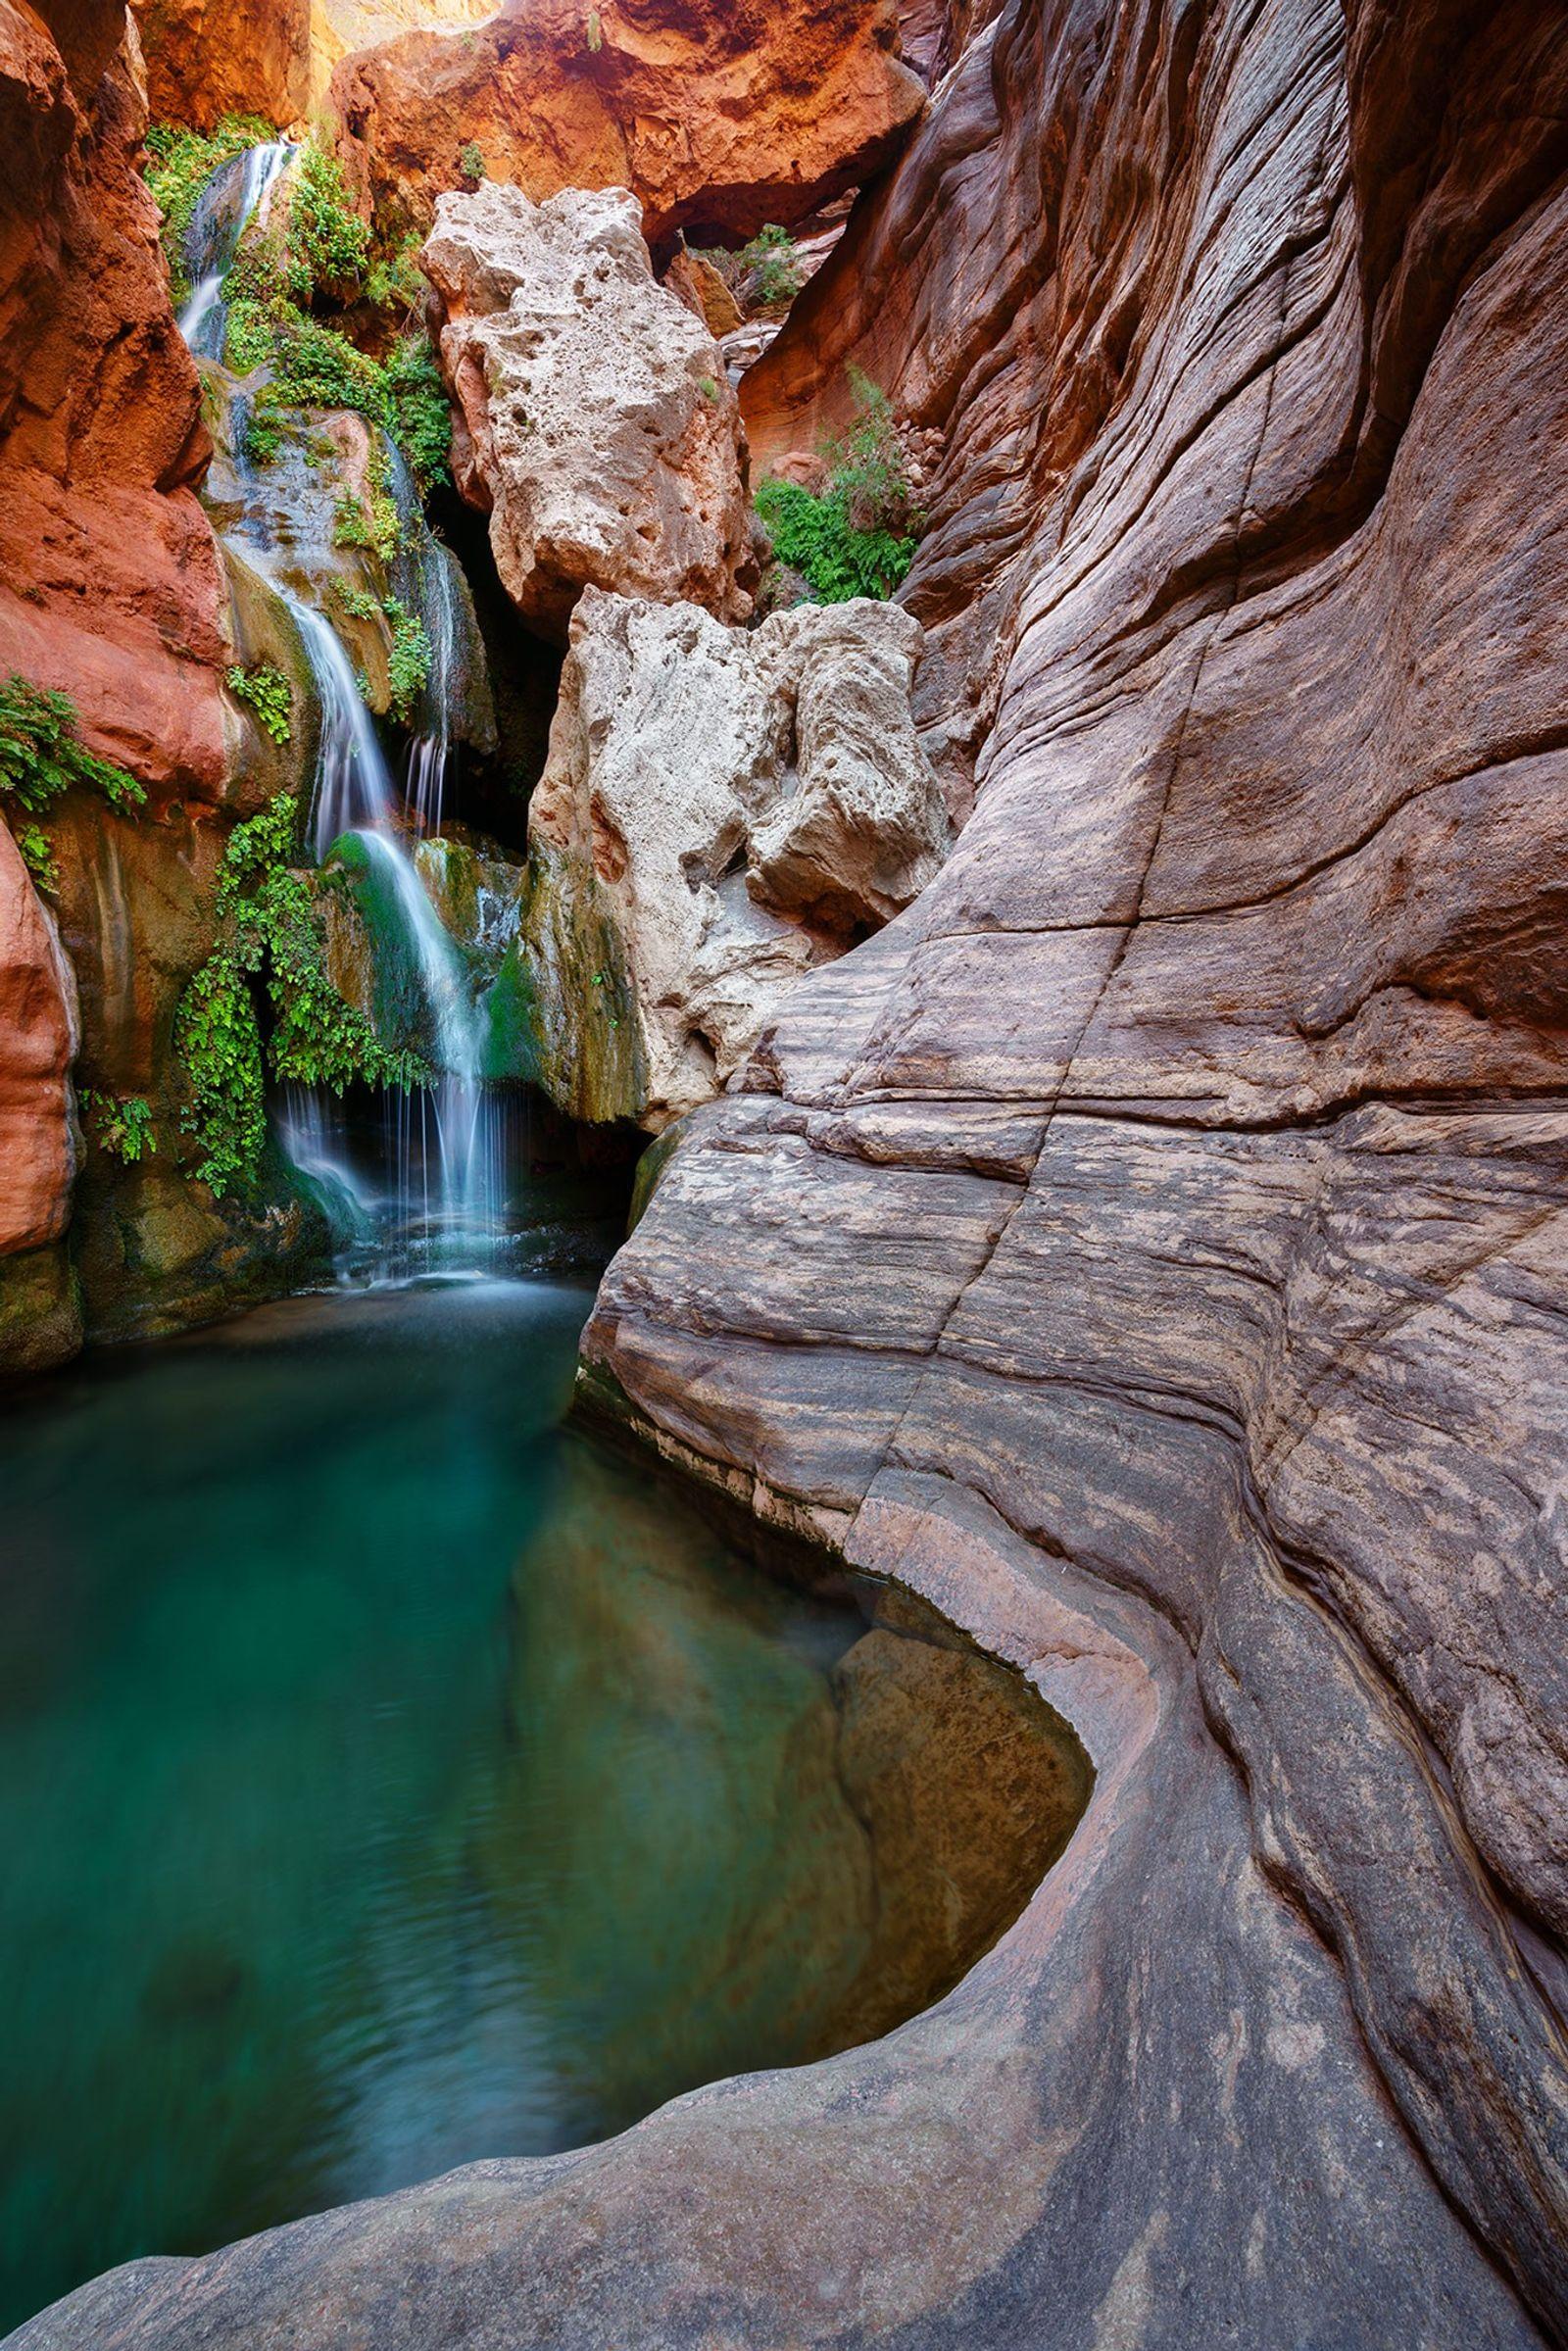 La courbe des parois d'Elves Chasm dirigent l'œil du spectateur vers la cascade qui se déverse ...